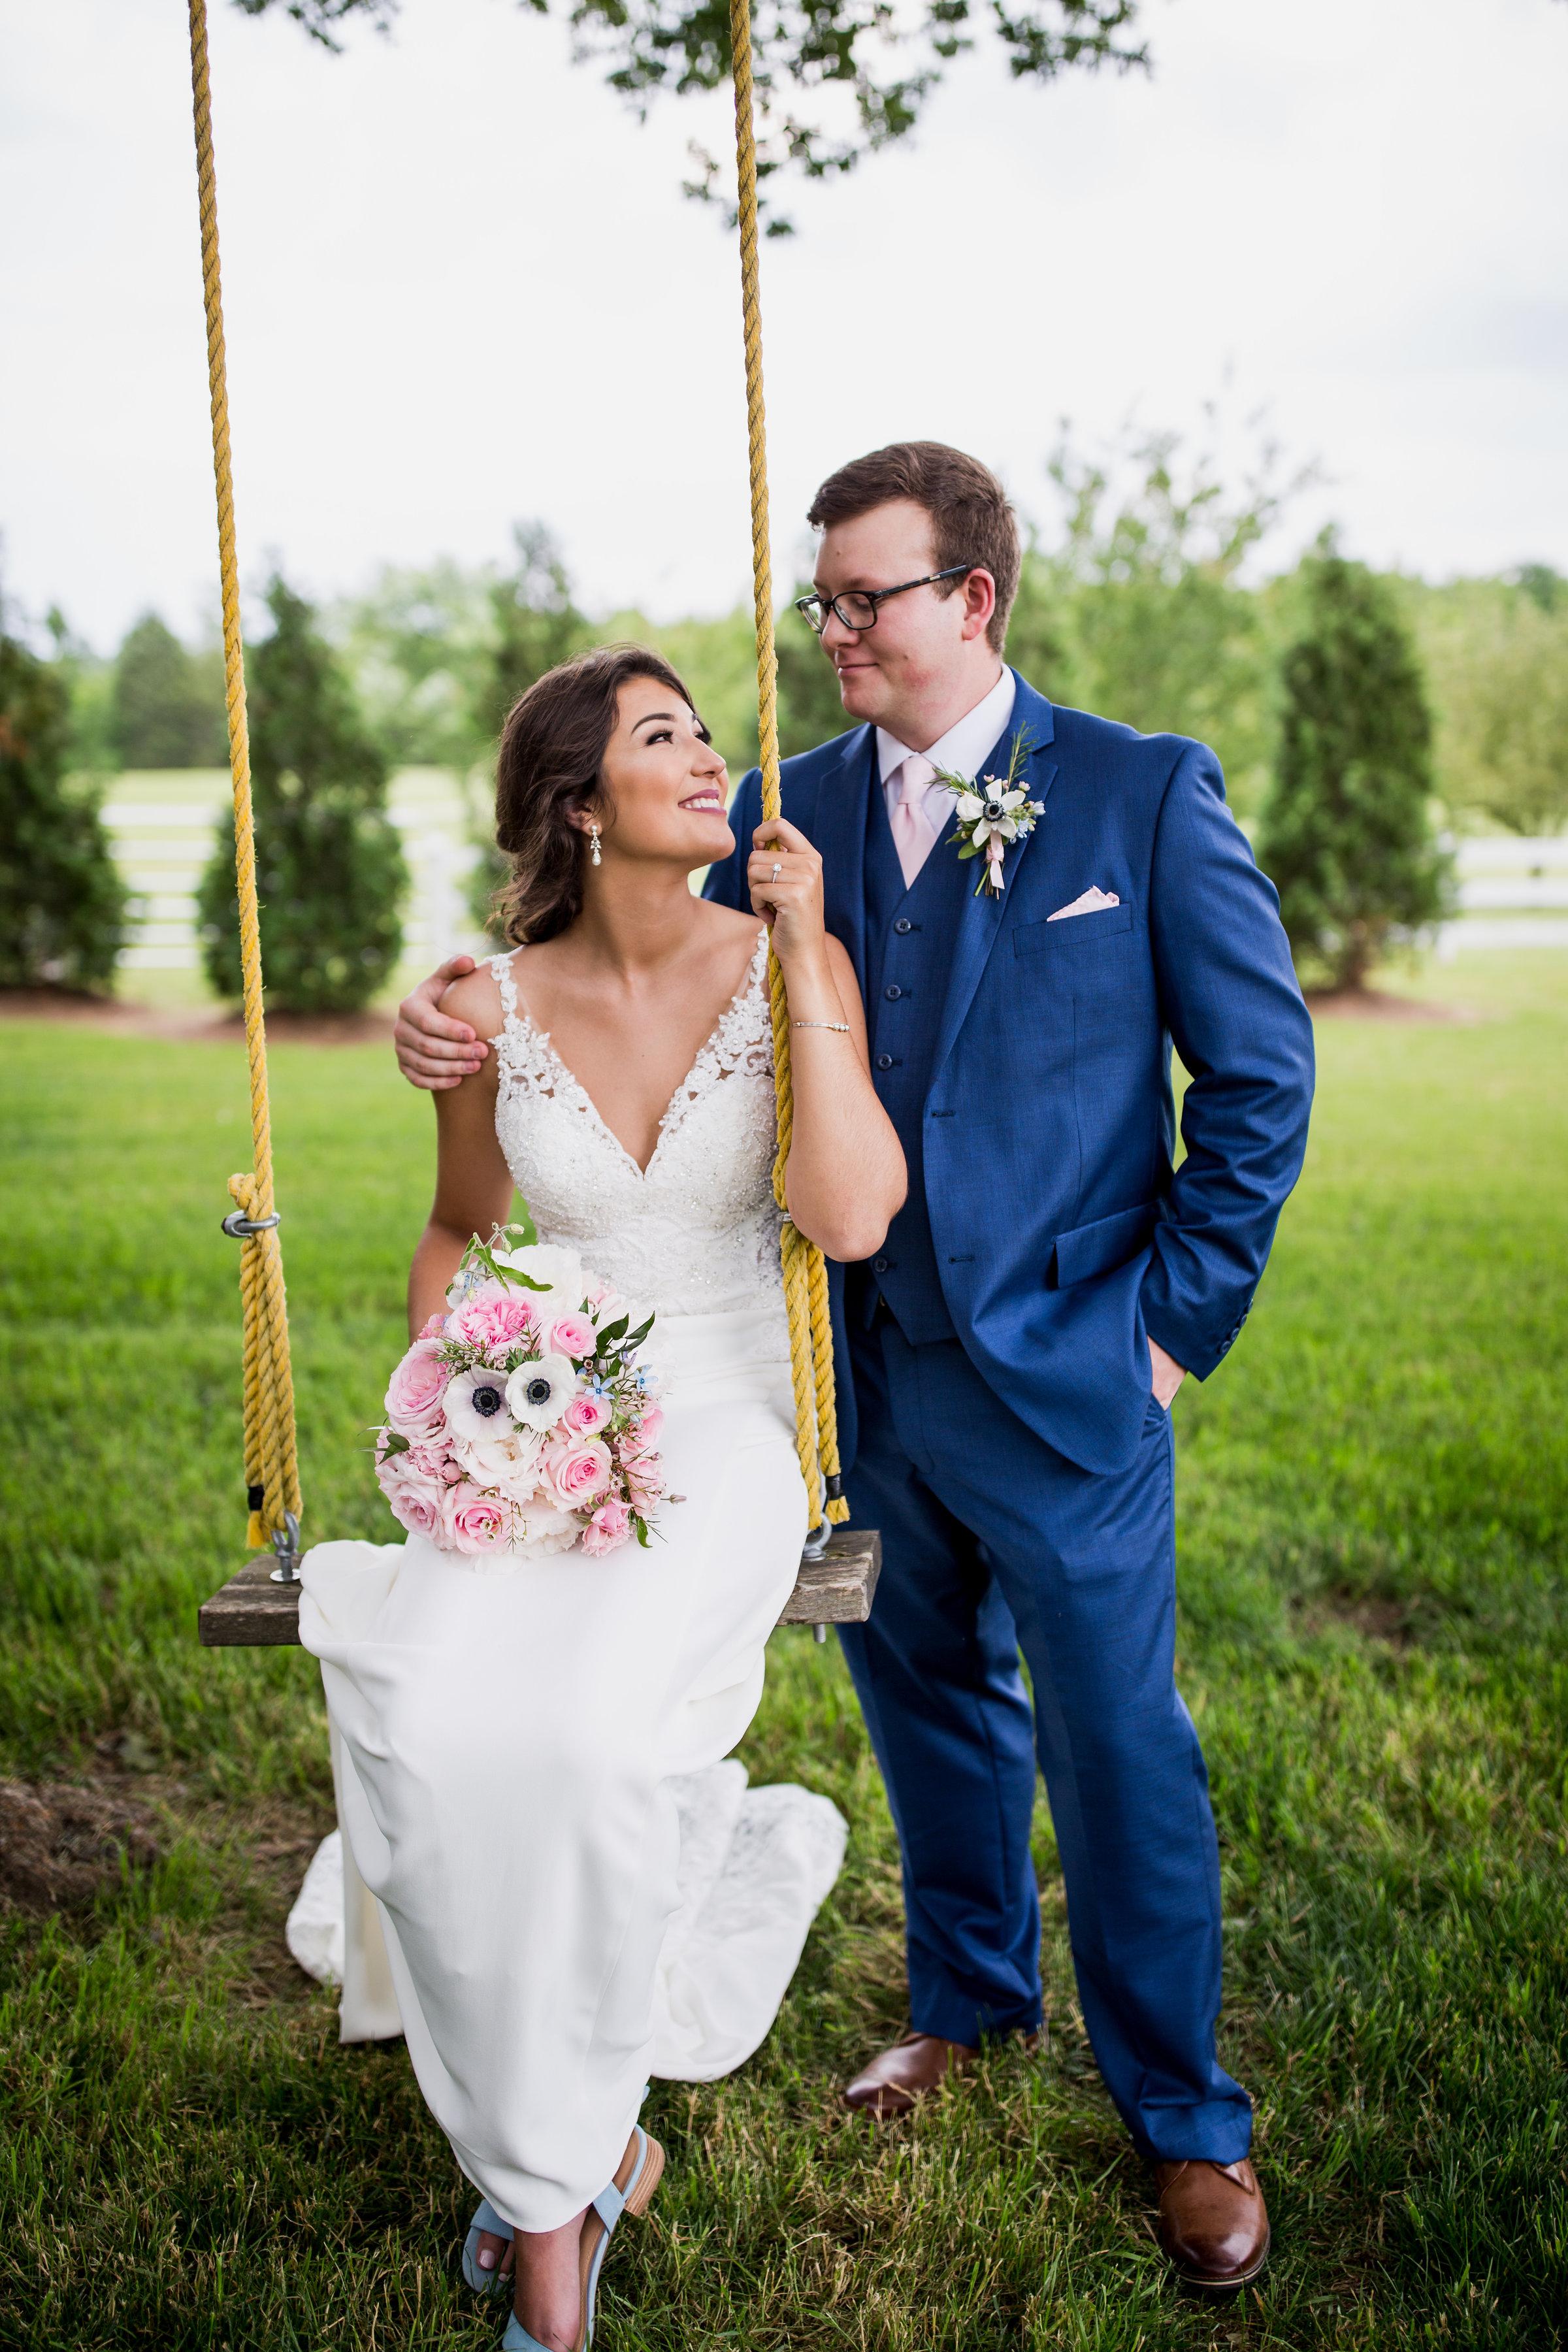 Saddlewood-Farms-Nashville-Wedding-Photographers-280.jpg